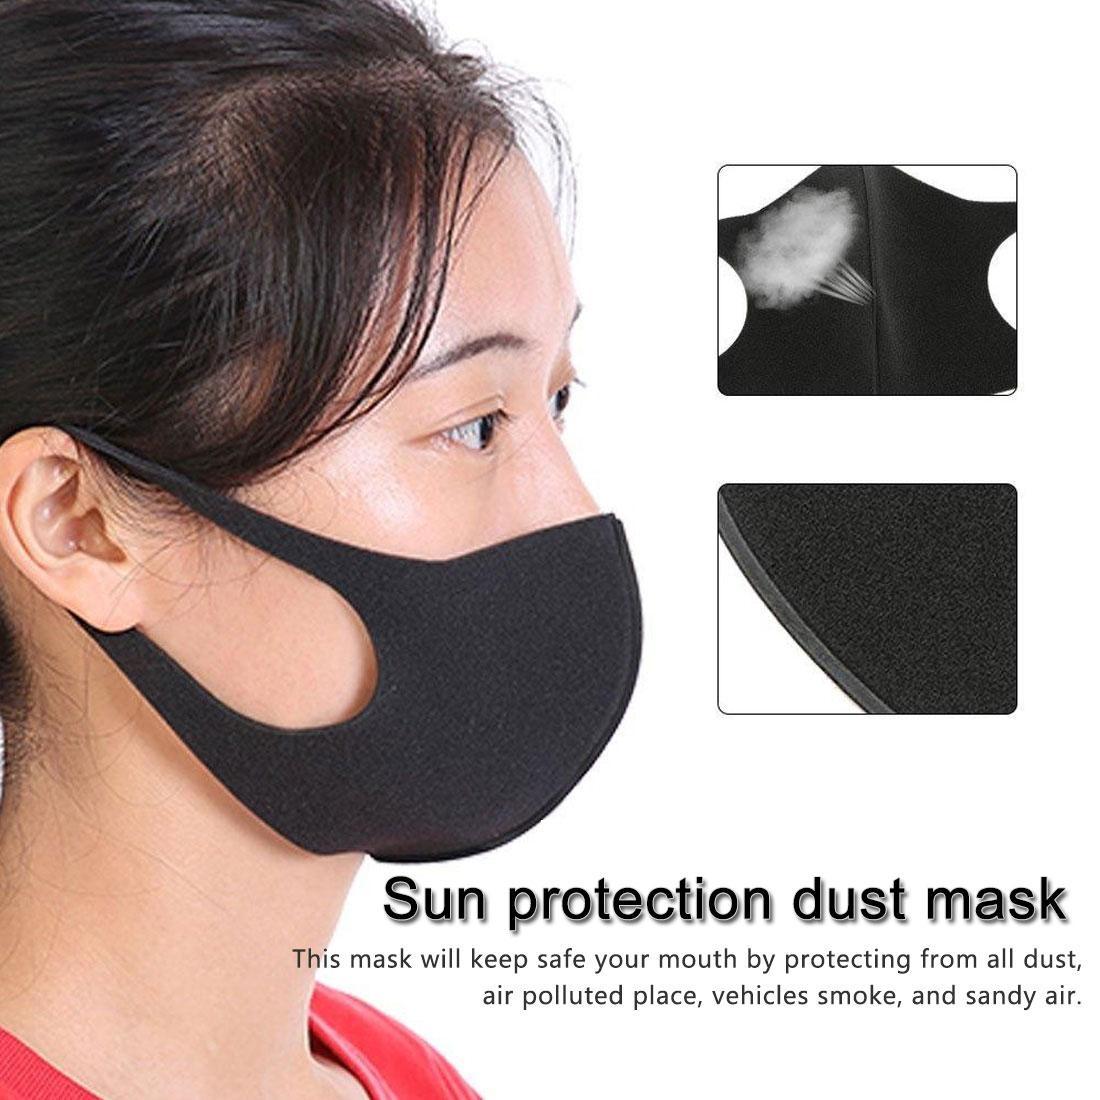 Хлопок пыле Рот маска для лица маски партии Анима мультфильма Kpop Женщина Мужчины Муфельного лицо Рот маска